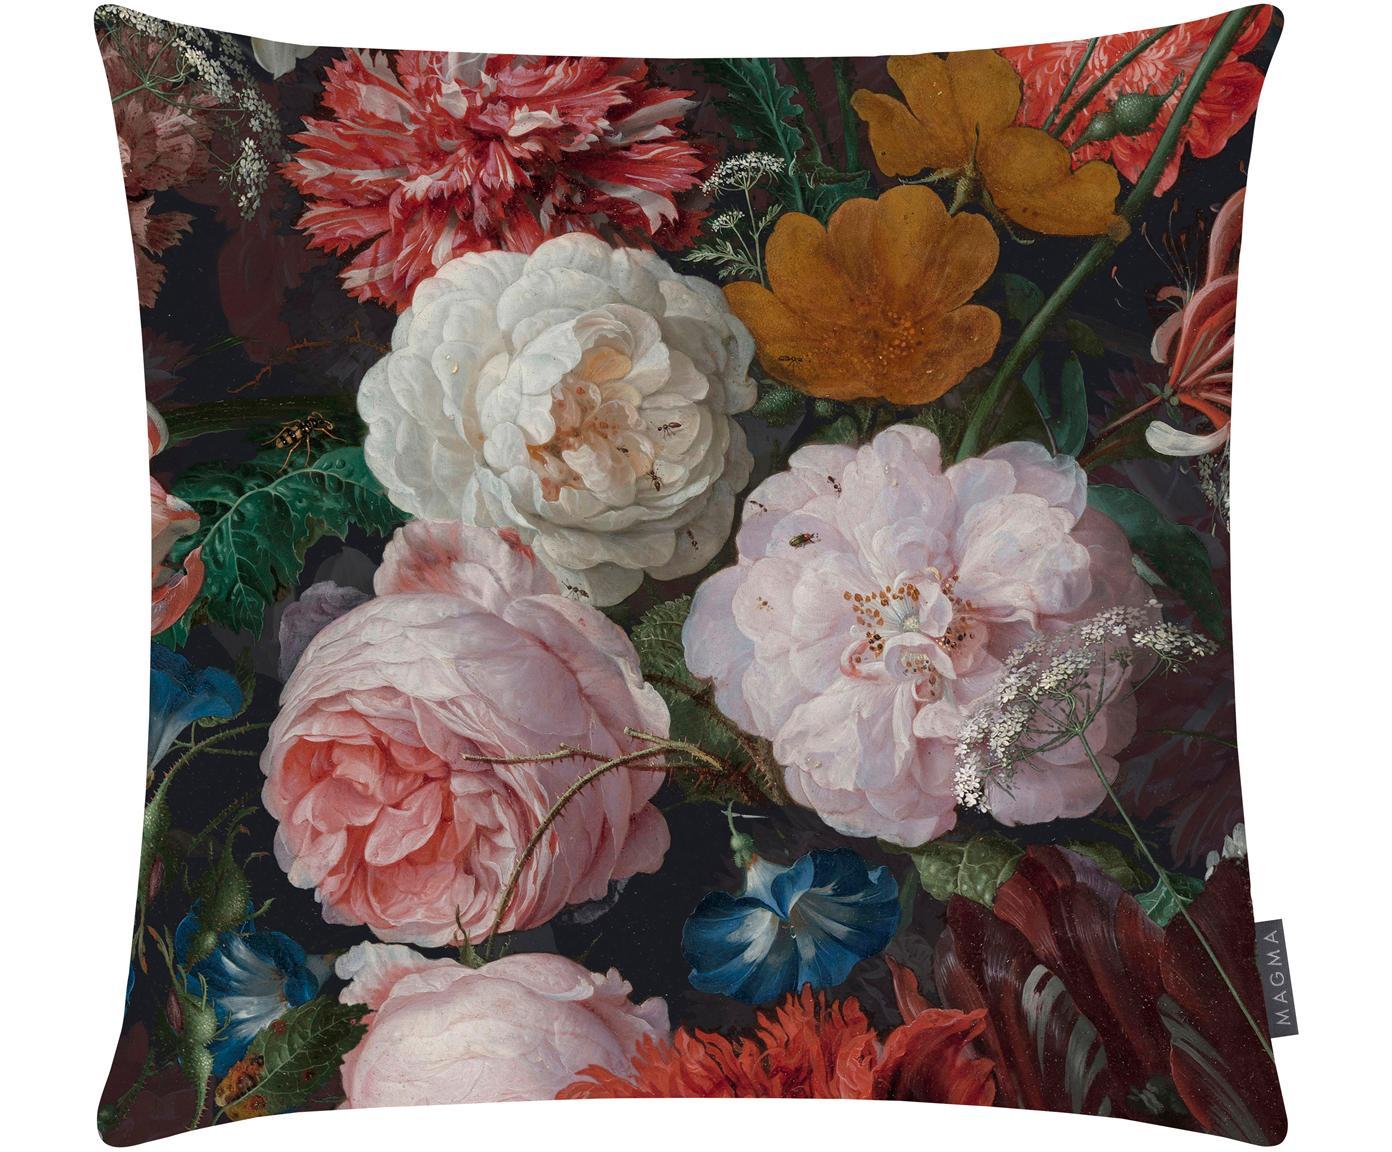 Samt-Kissenhülle Fiore mit dunklem Blumenmuster, 100% Polyestersamt, bedruckt, Anthrazit, Rosa, Rot, Gelb, Grün, Blau, 40 x 40 cm